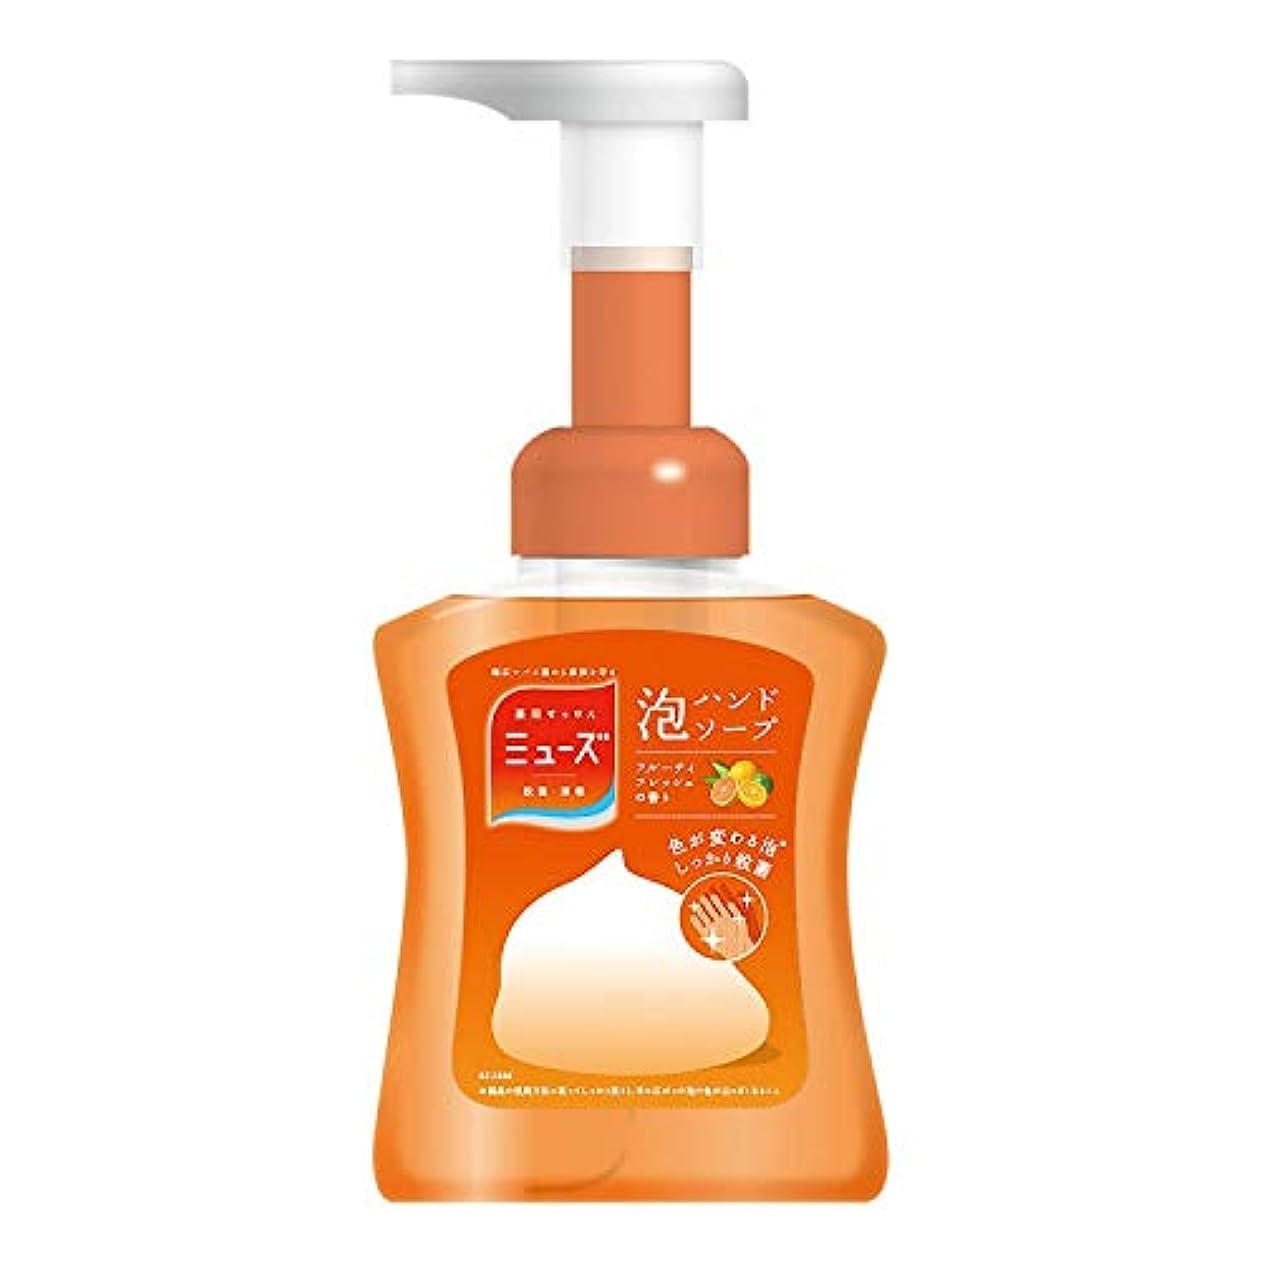 欠席女性一生【医薬部外品】ミューズ 泡 ハンドソープ フルーティフレッシュの香り 色が変わる泡 本体ボトル 250ml 殺菌 消毒 手洗い 保湿成分配合